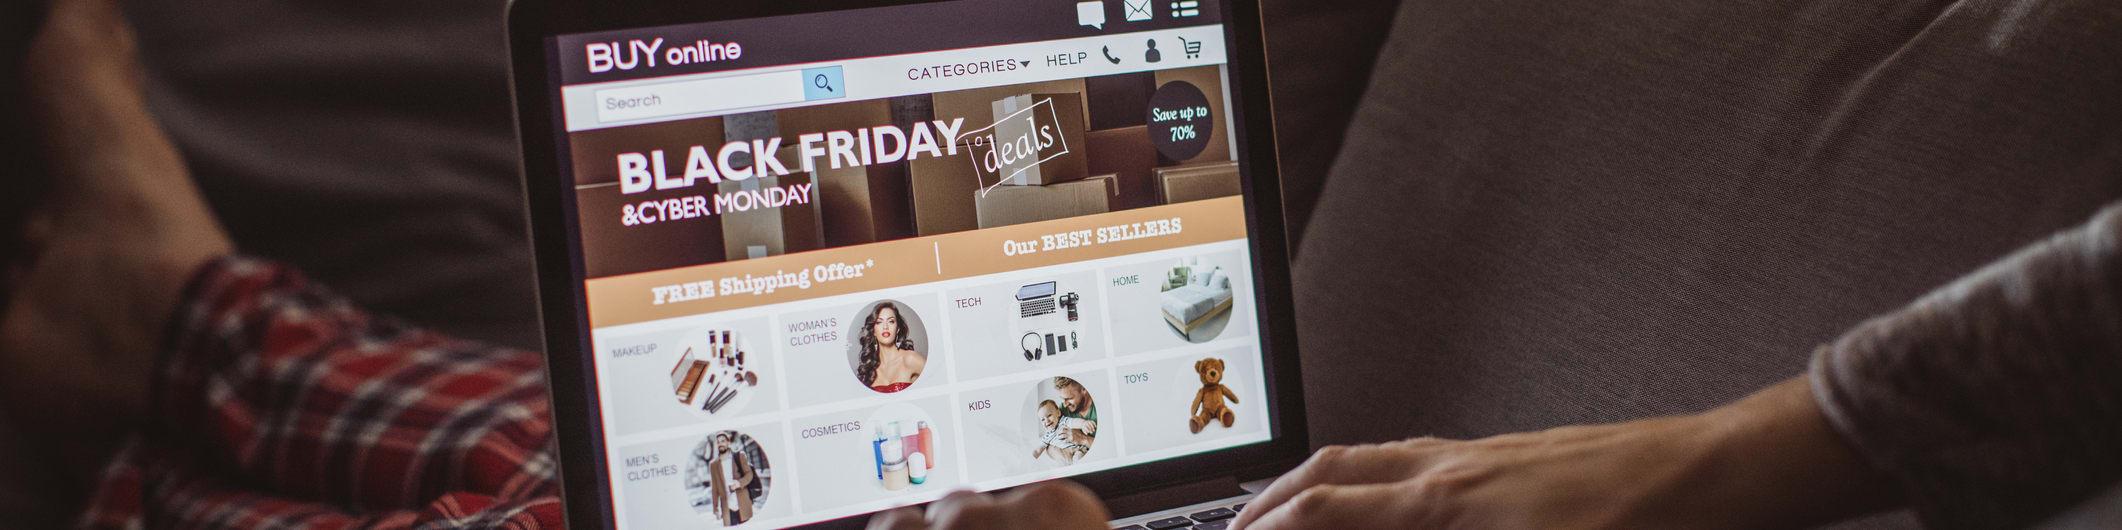 Black Friday shopping on laptop